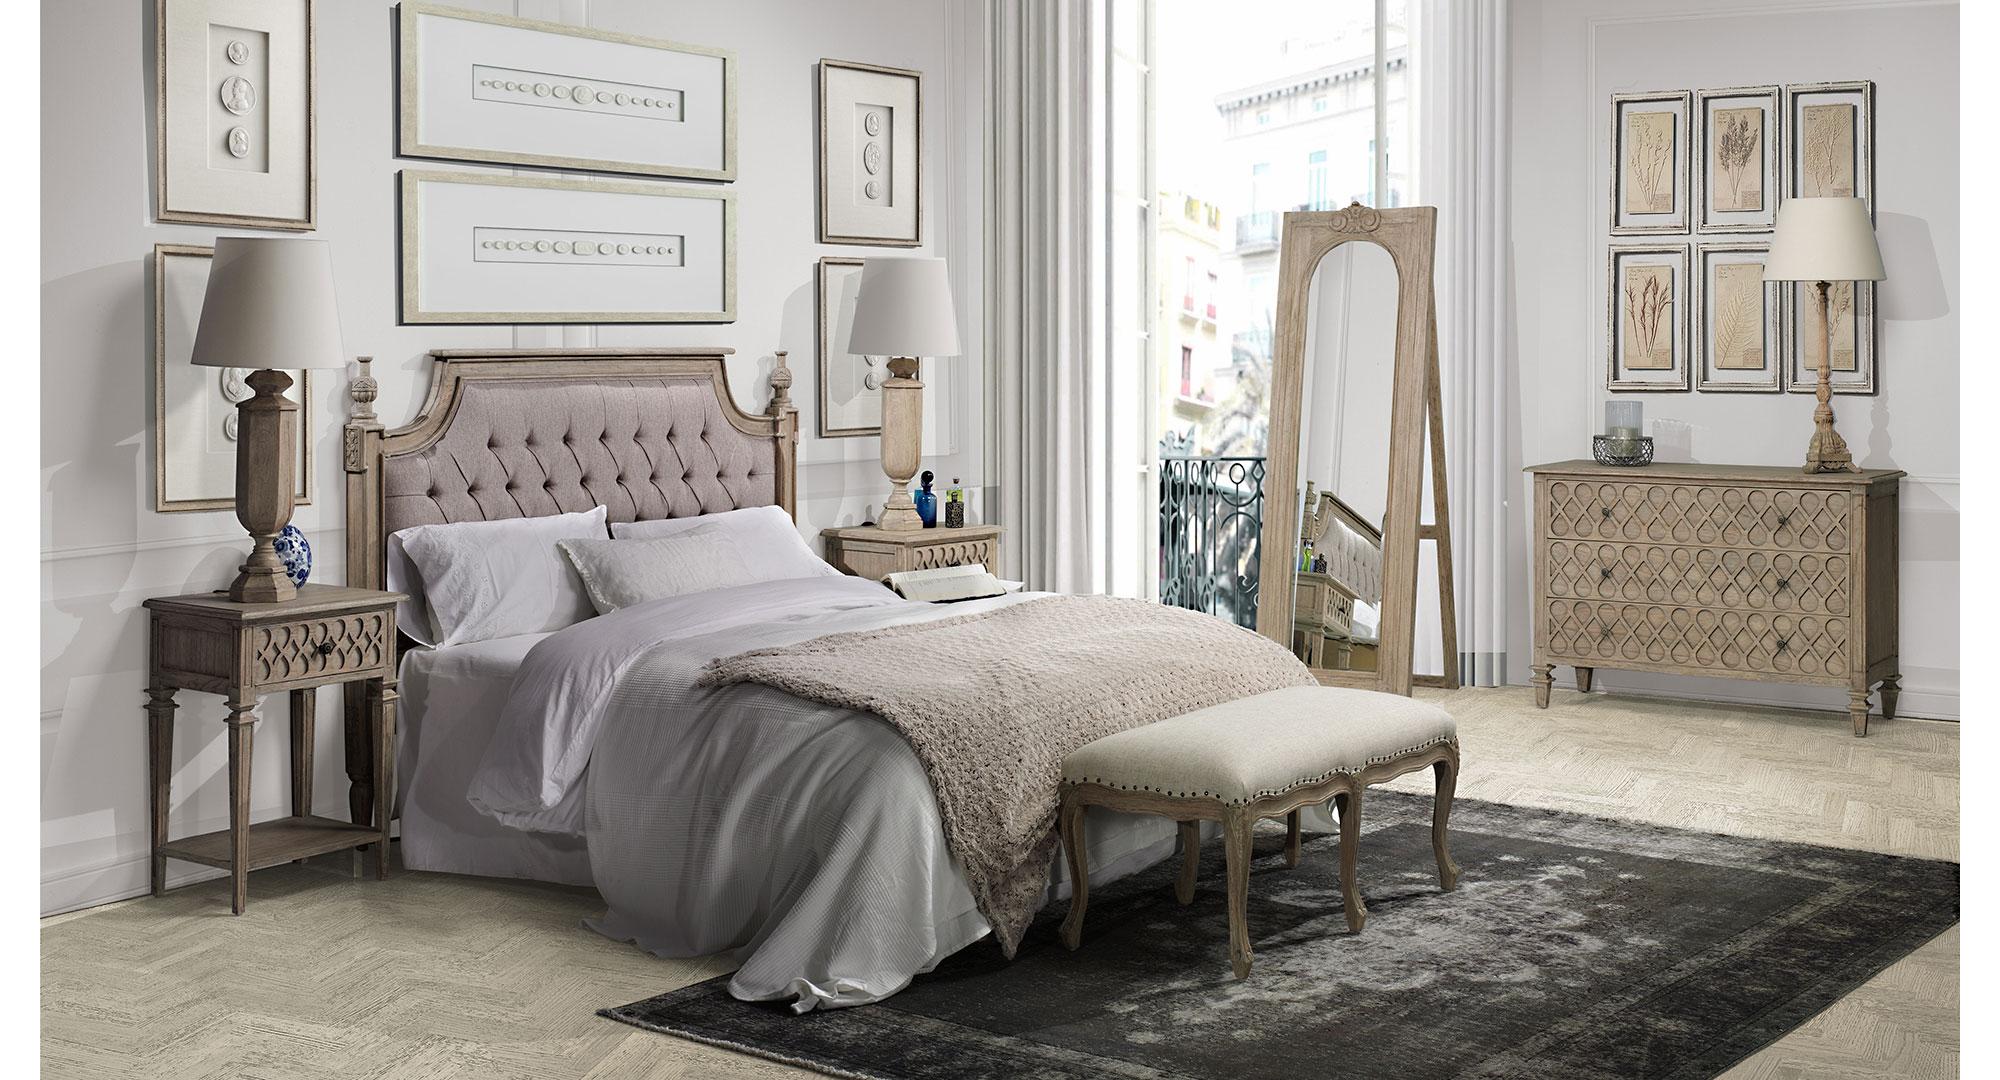 Dormitorio vintage artisan iii en - Dormitorios vintage blanco ...